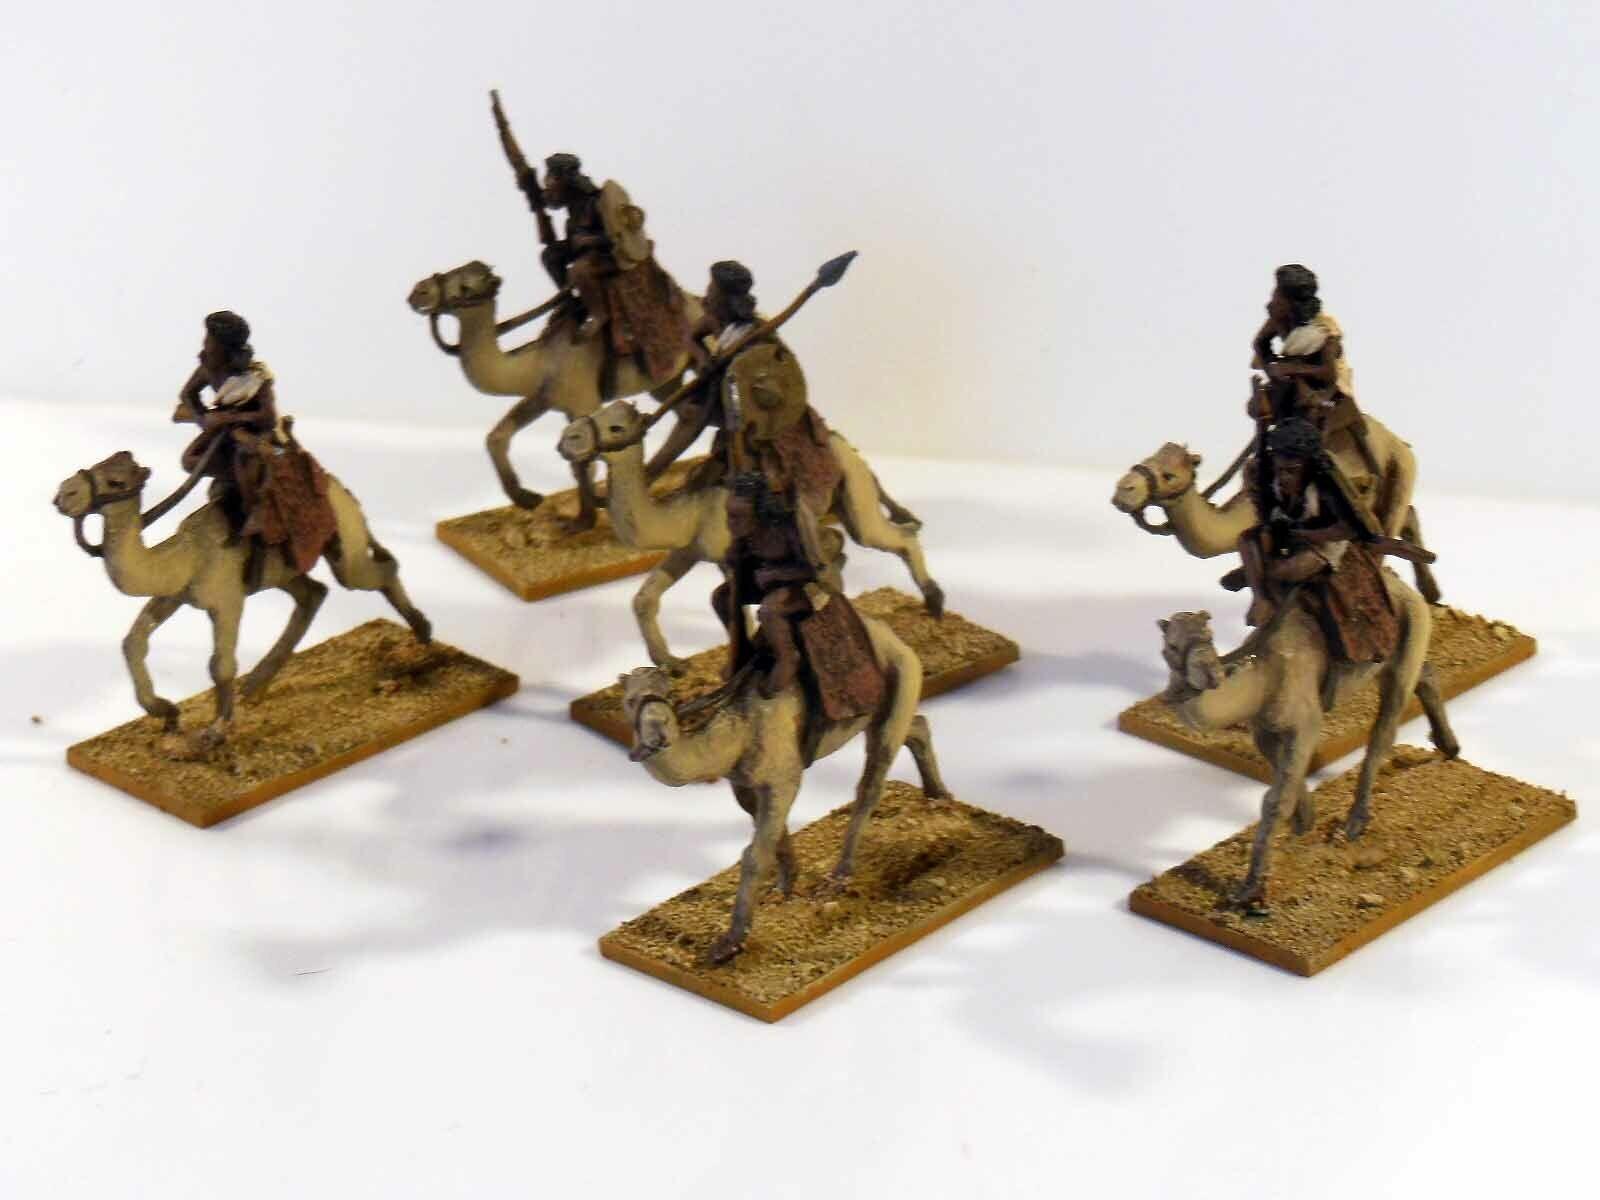 28mm Sudán Mahdist montado Beja en camellos - 6 figuras de metal pintado & basado en  2